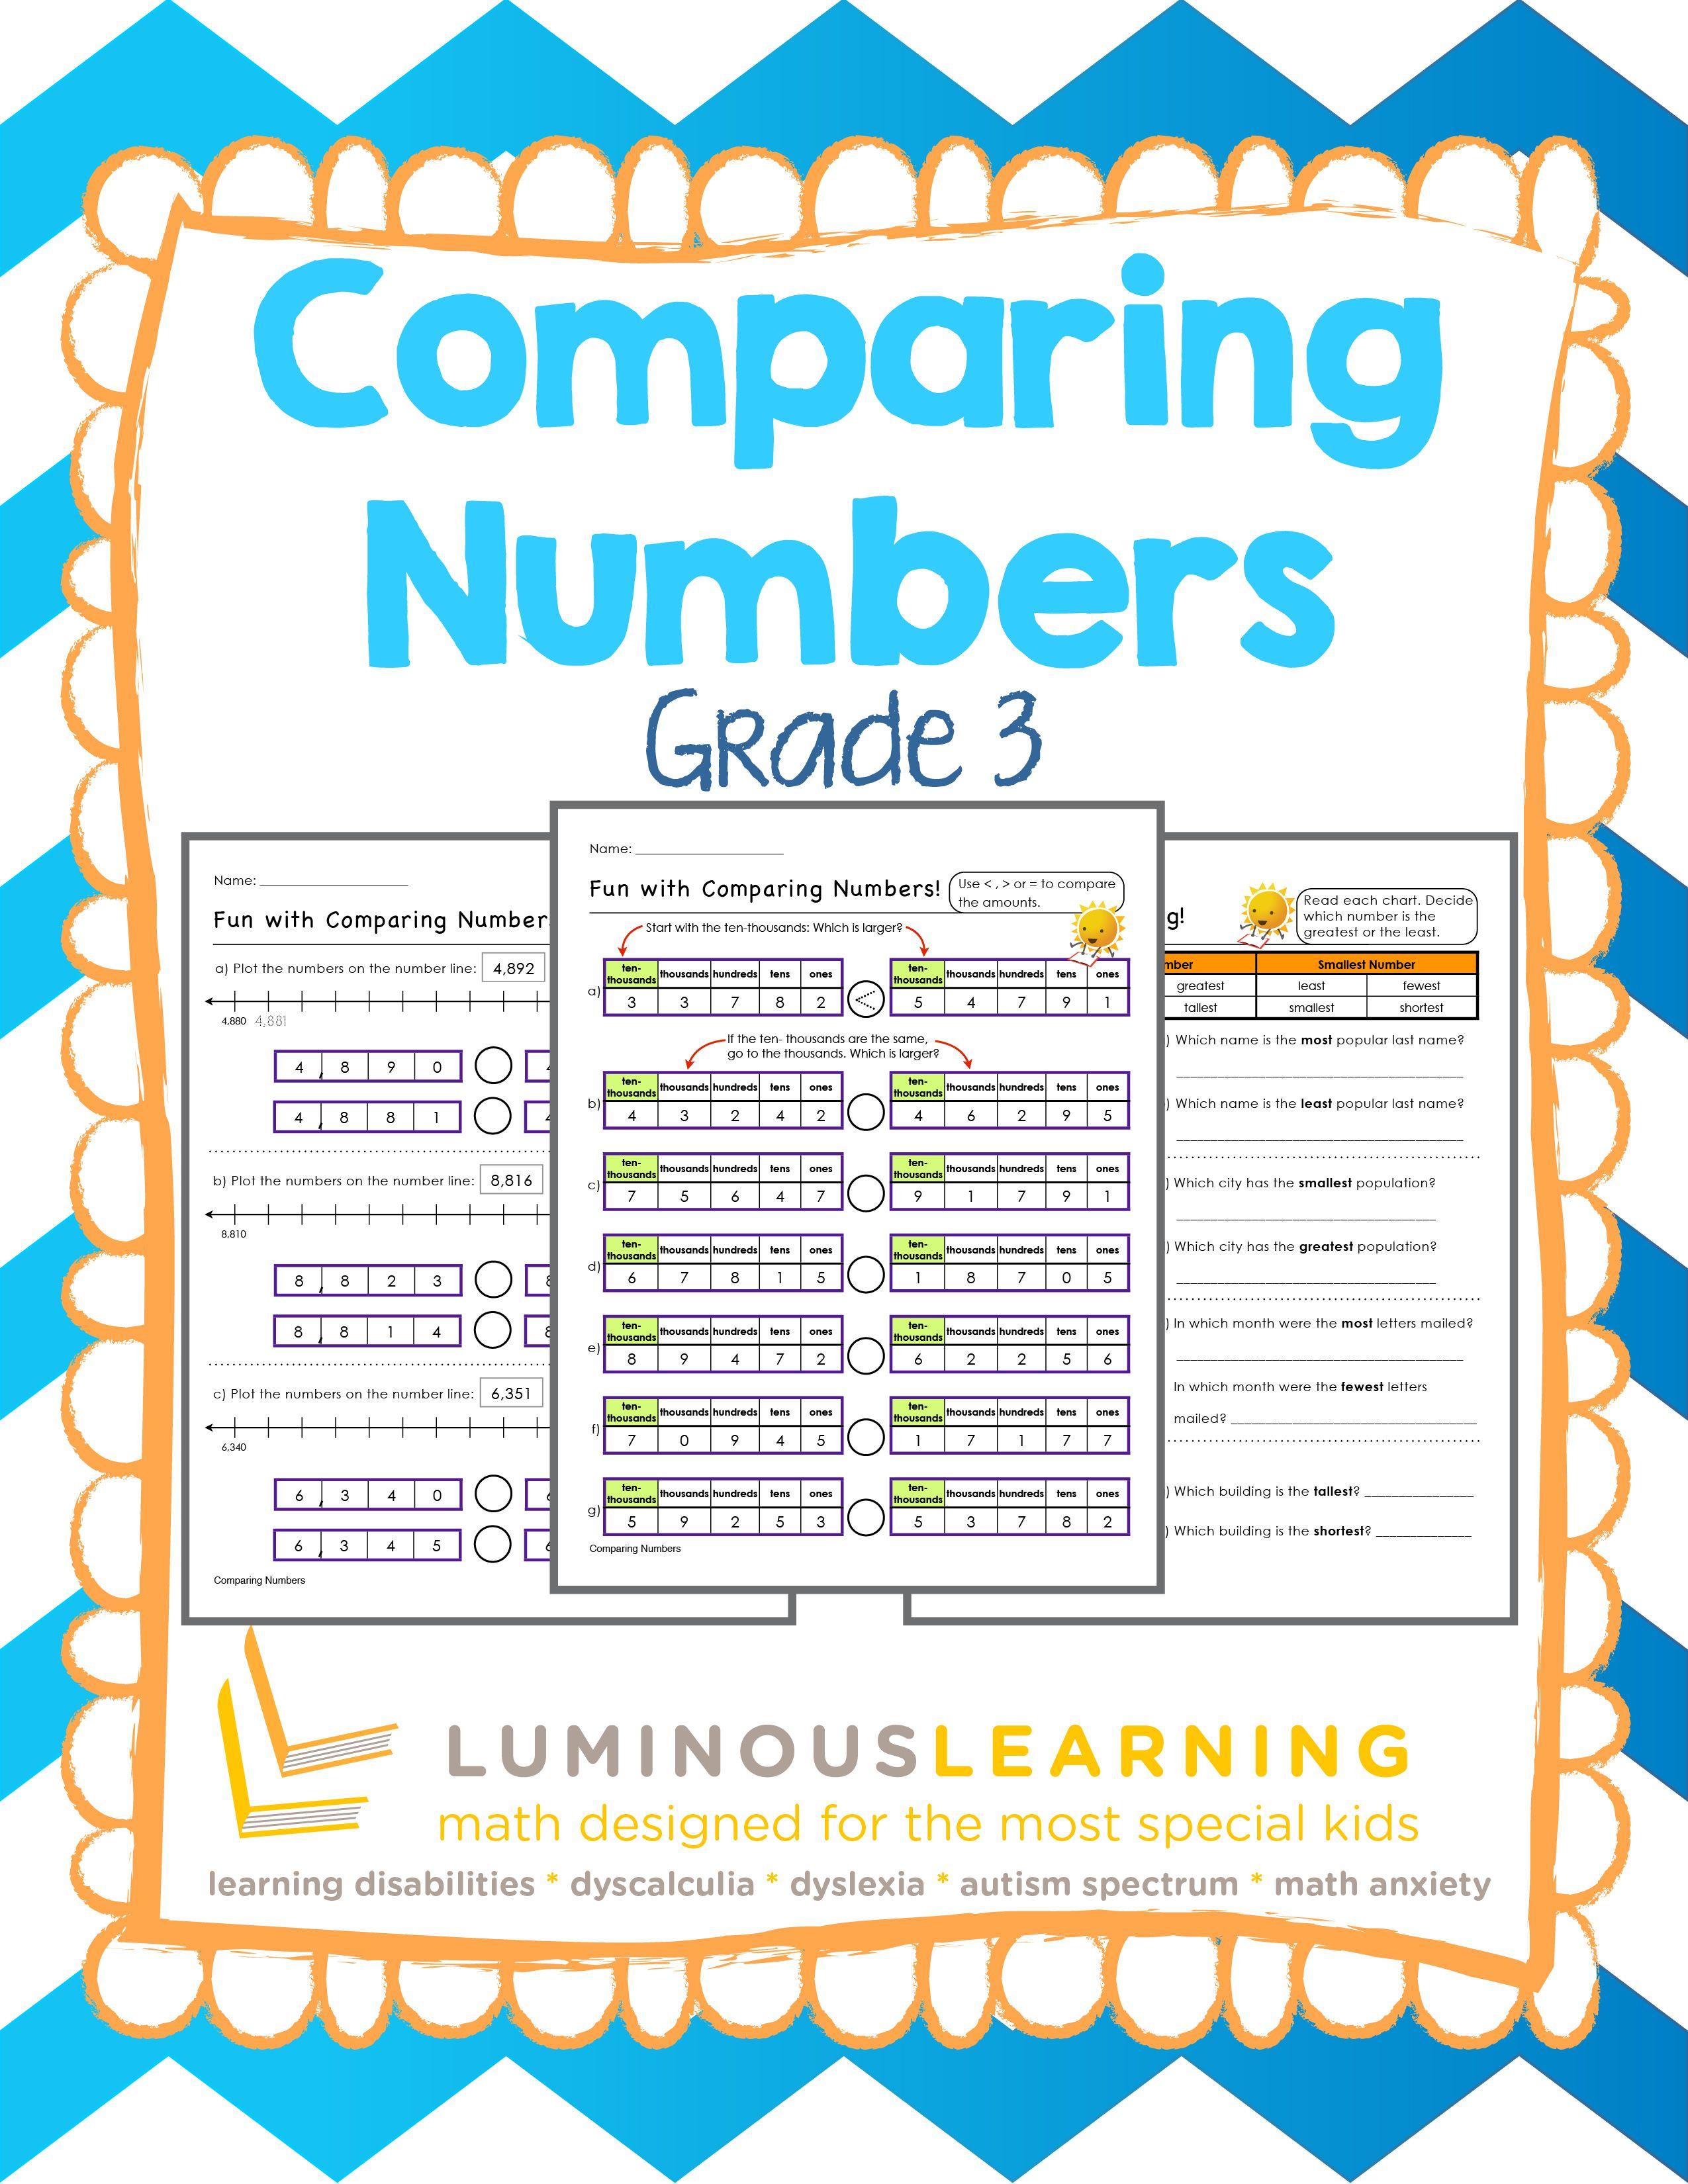 Grade 3 Comparing Numbers Printable Workbook